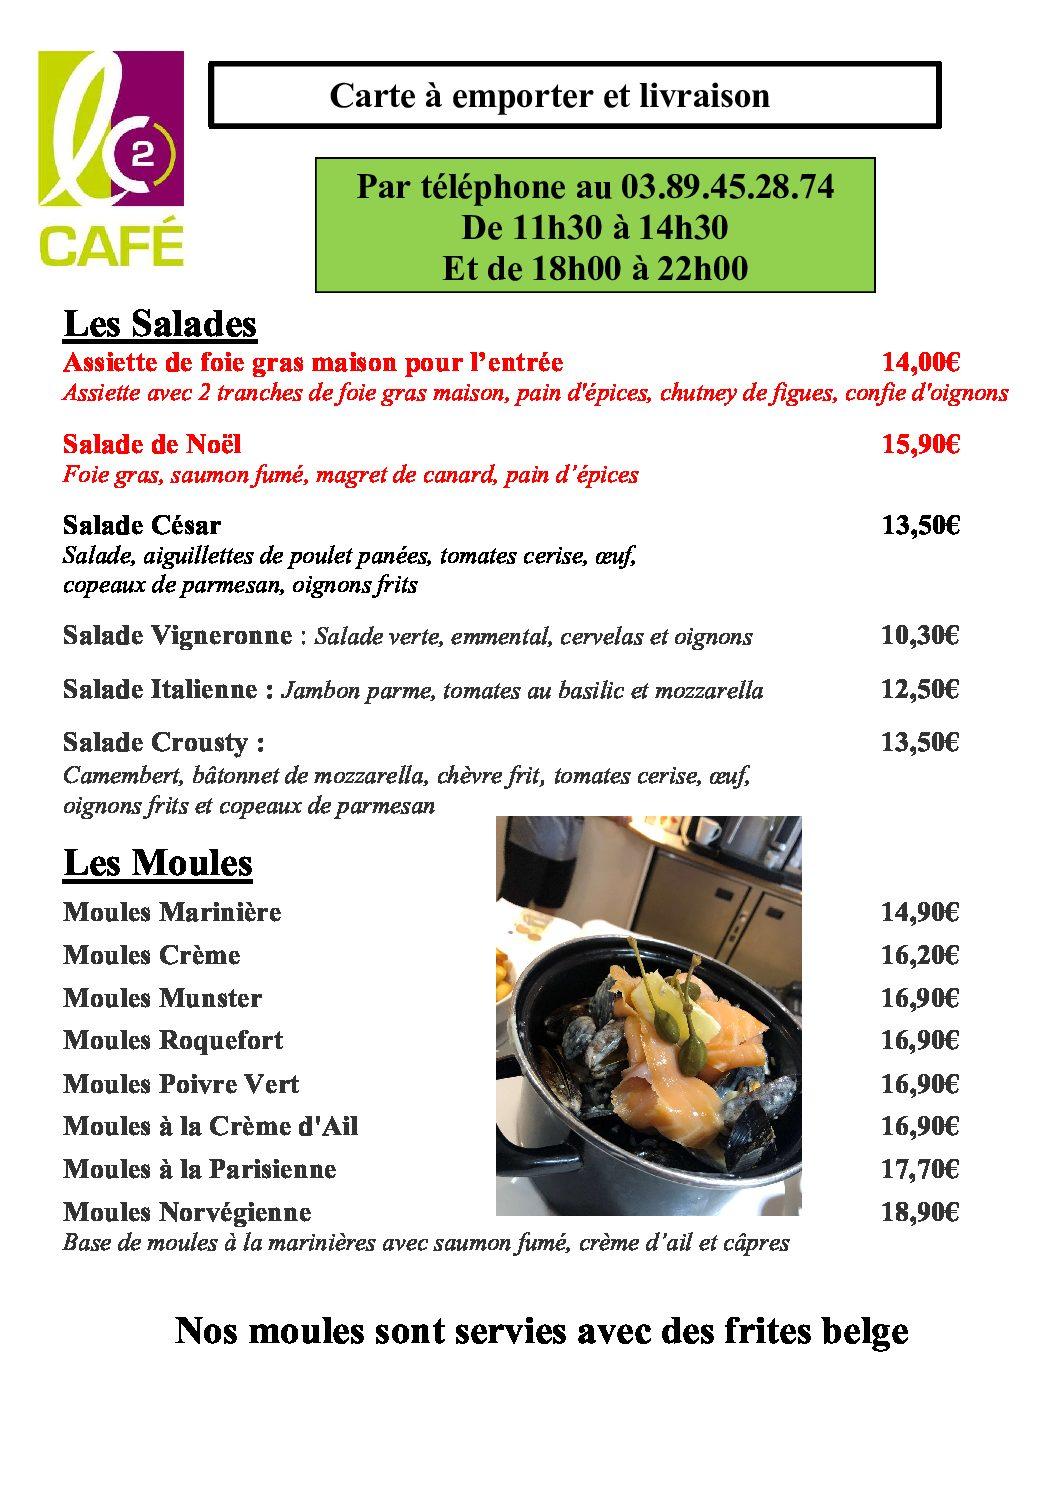 Carte emporter et livraison page 1 salade et moules